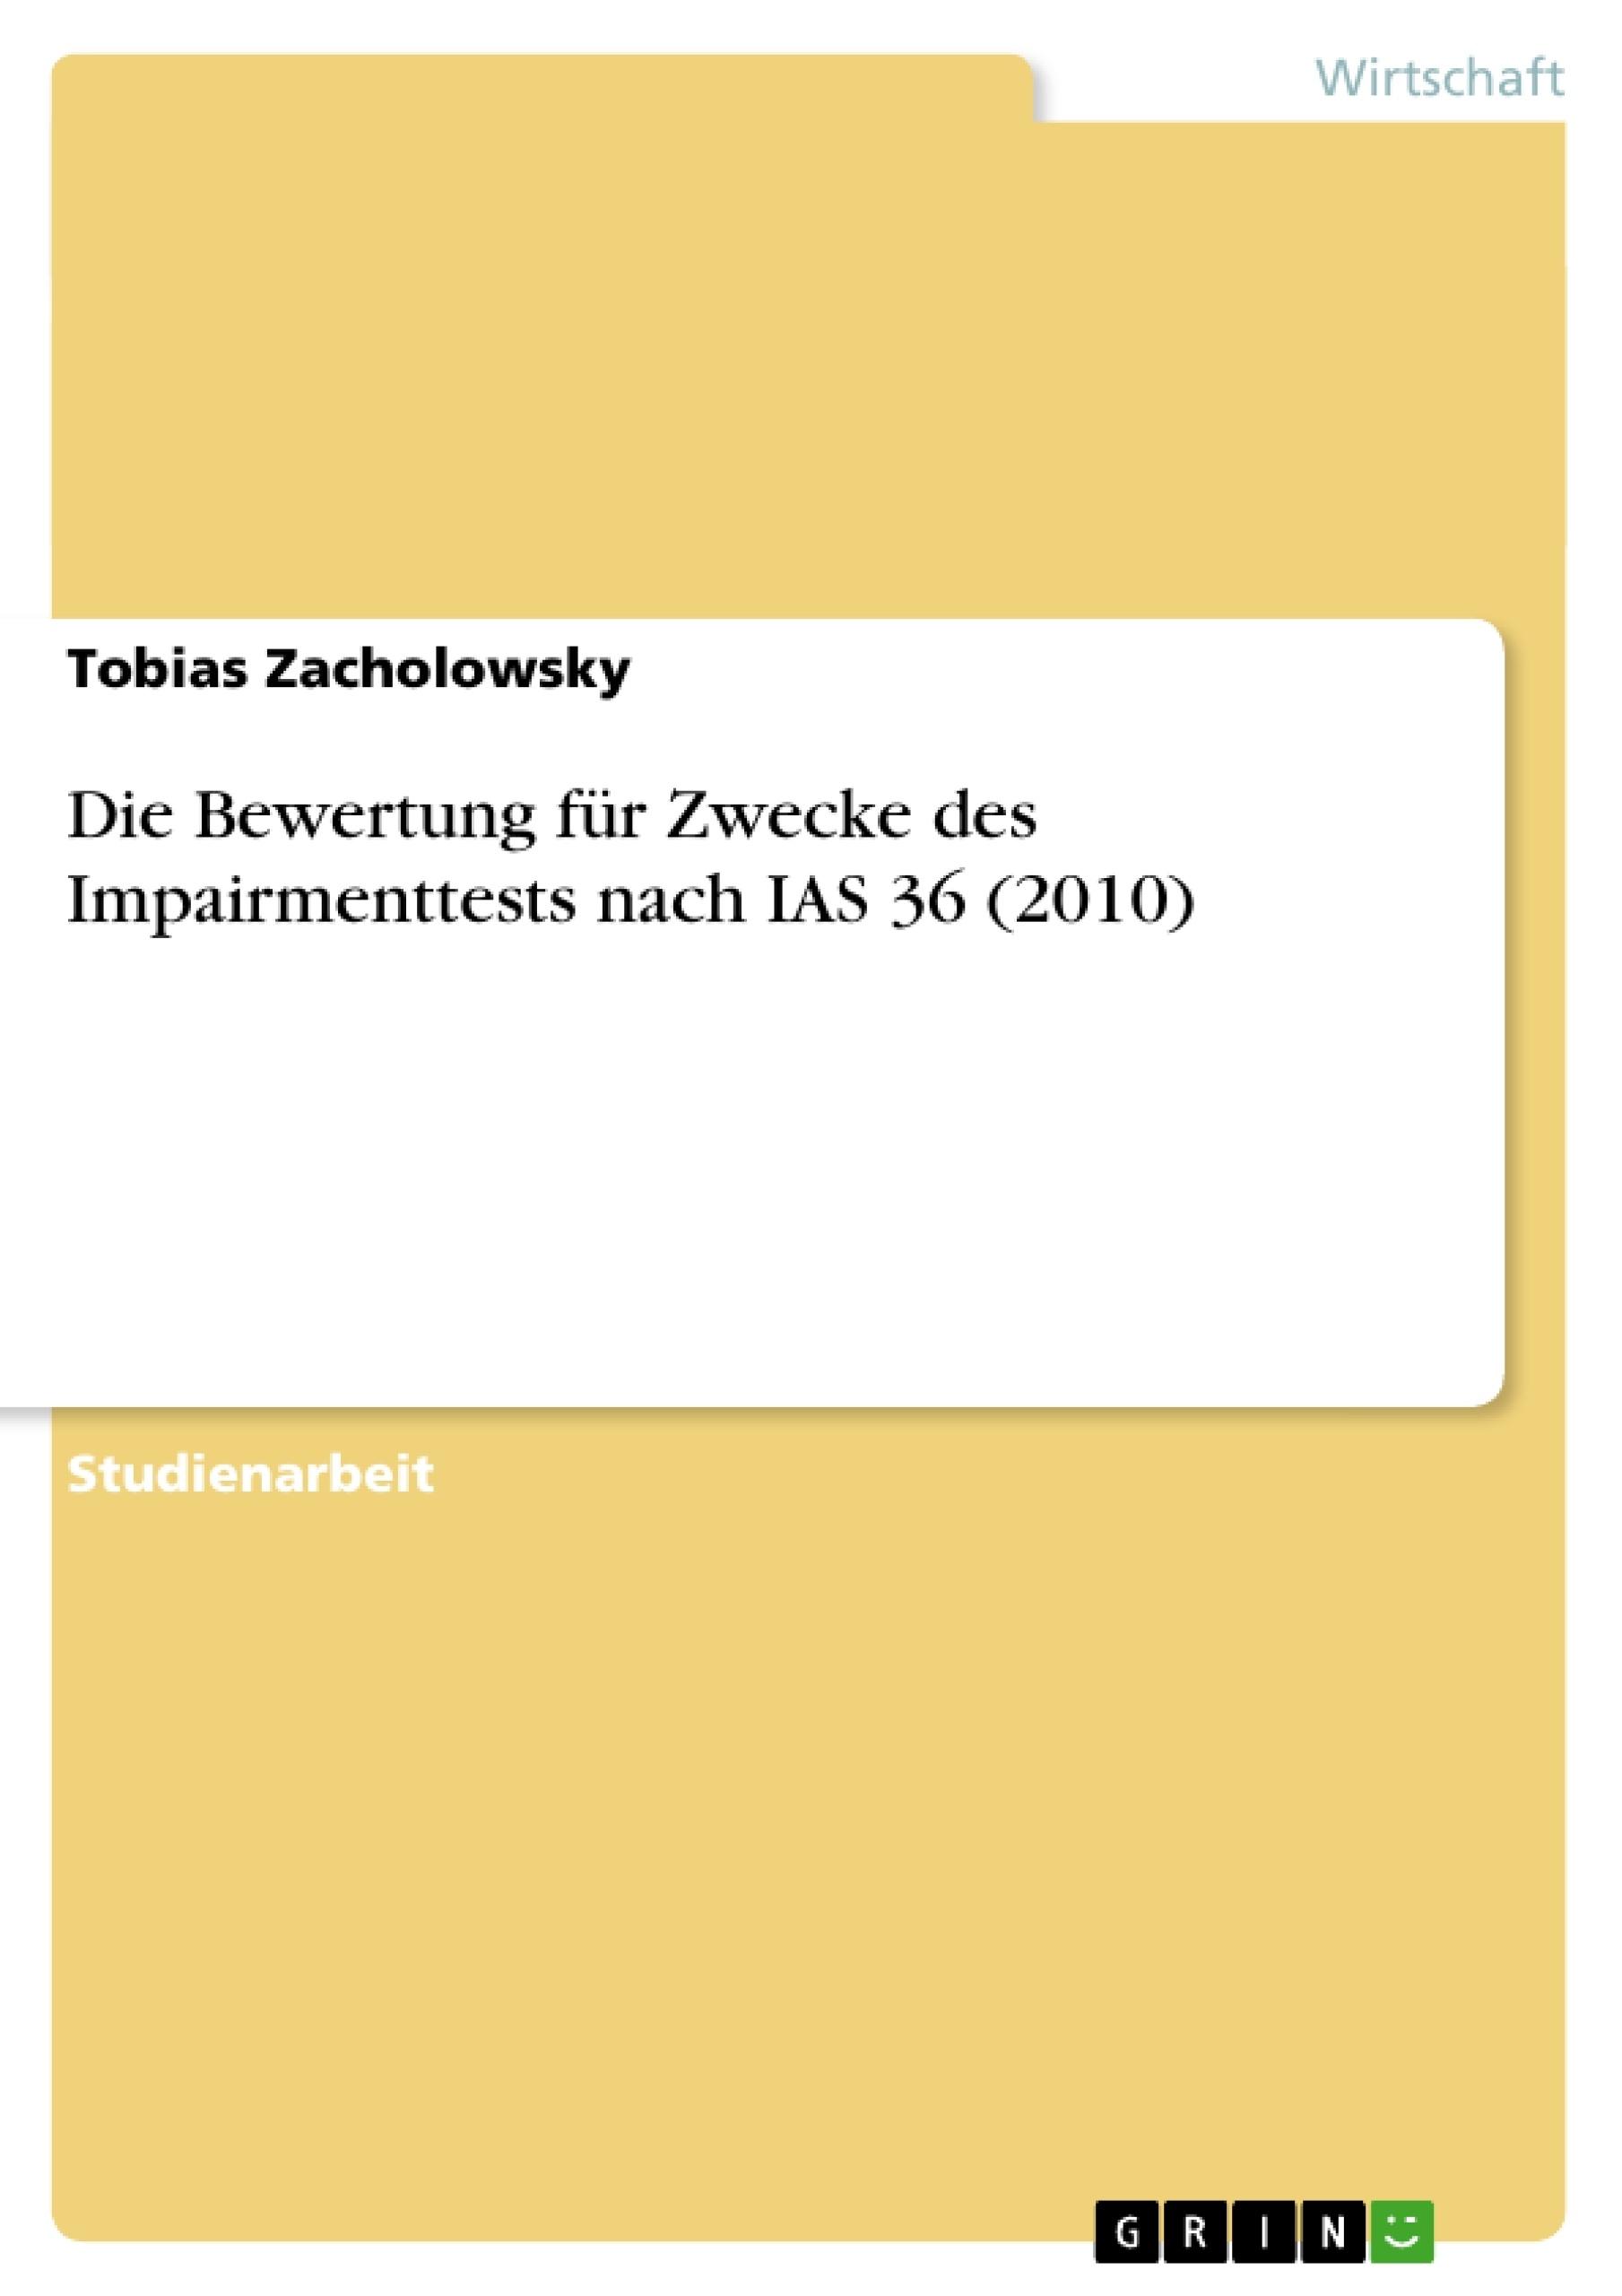 Titel: Die Bewertung für Zwecke des Impairmenttests nach IAS 36 (2010)